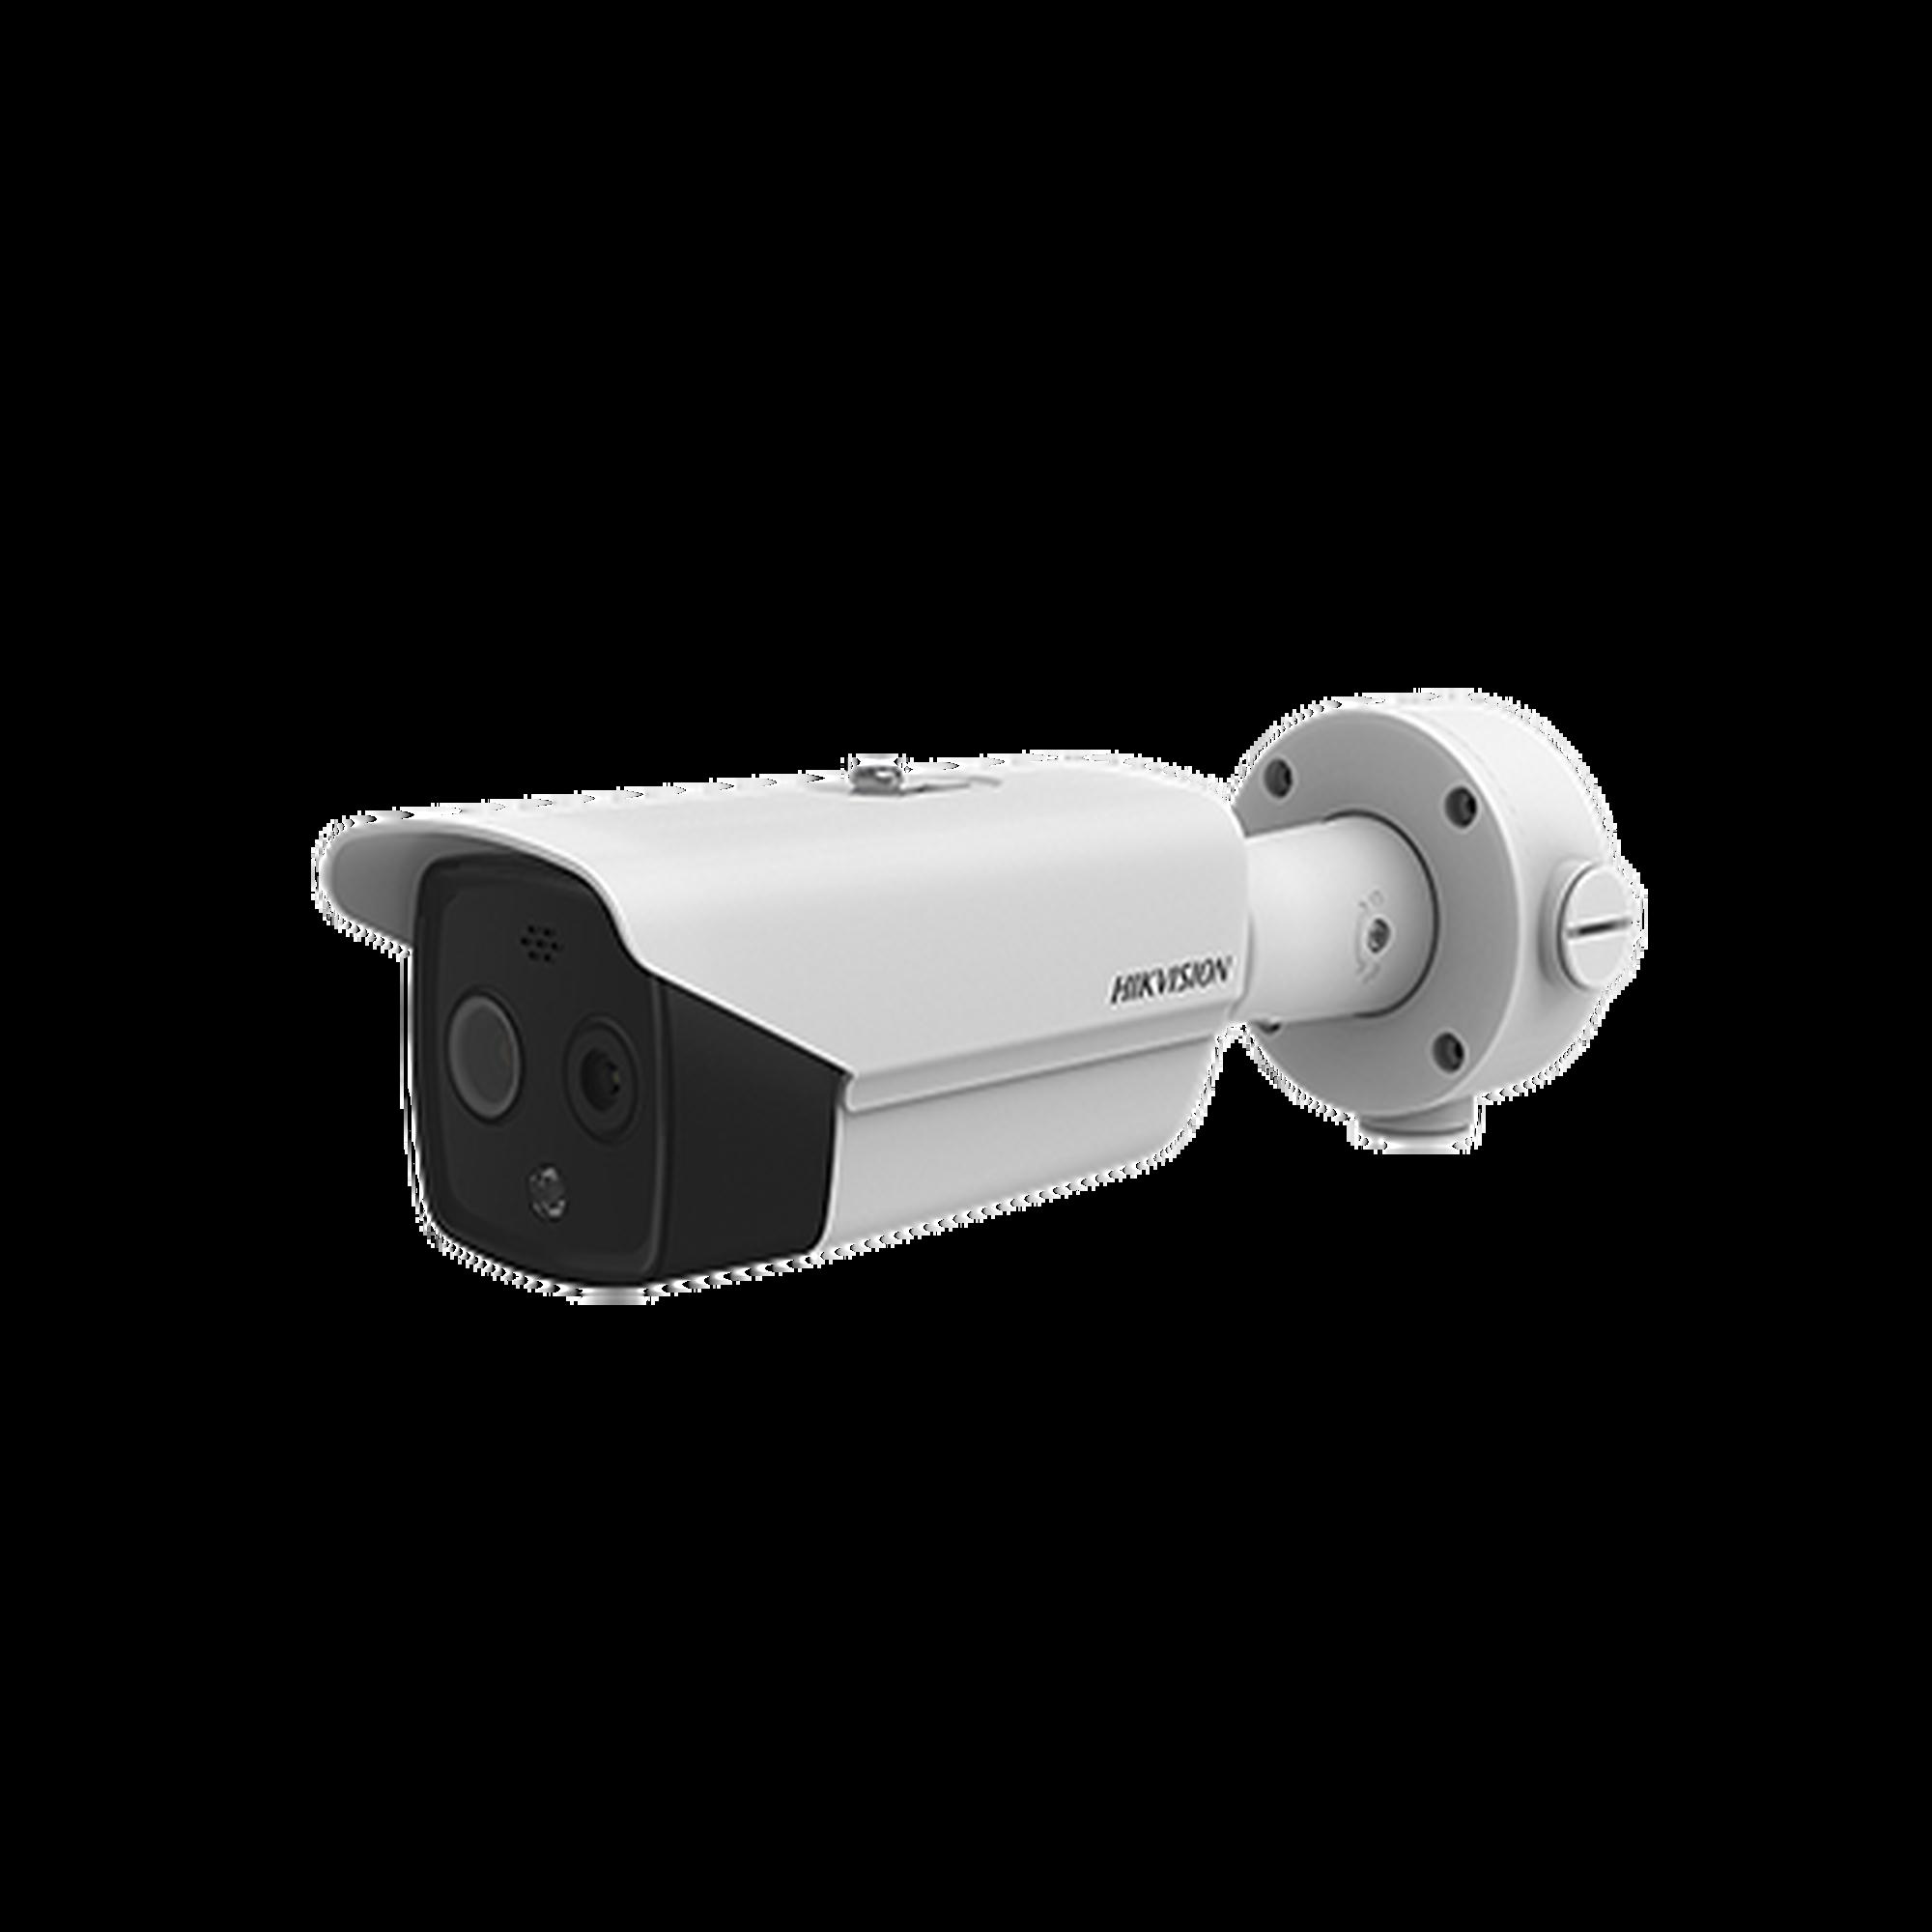 Bullet IP Dual / Térmica 6.2 mm (320X 240 ) / óptico 8 mm (4 Megapixel) / 40 mts IR / IP67 / PoE / Termométrica / Detección de Temperatura